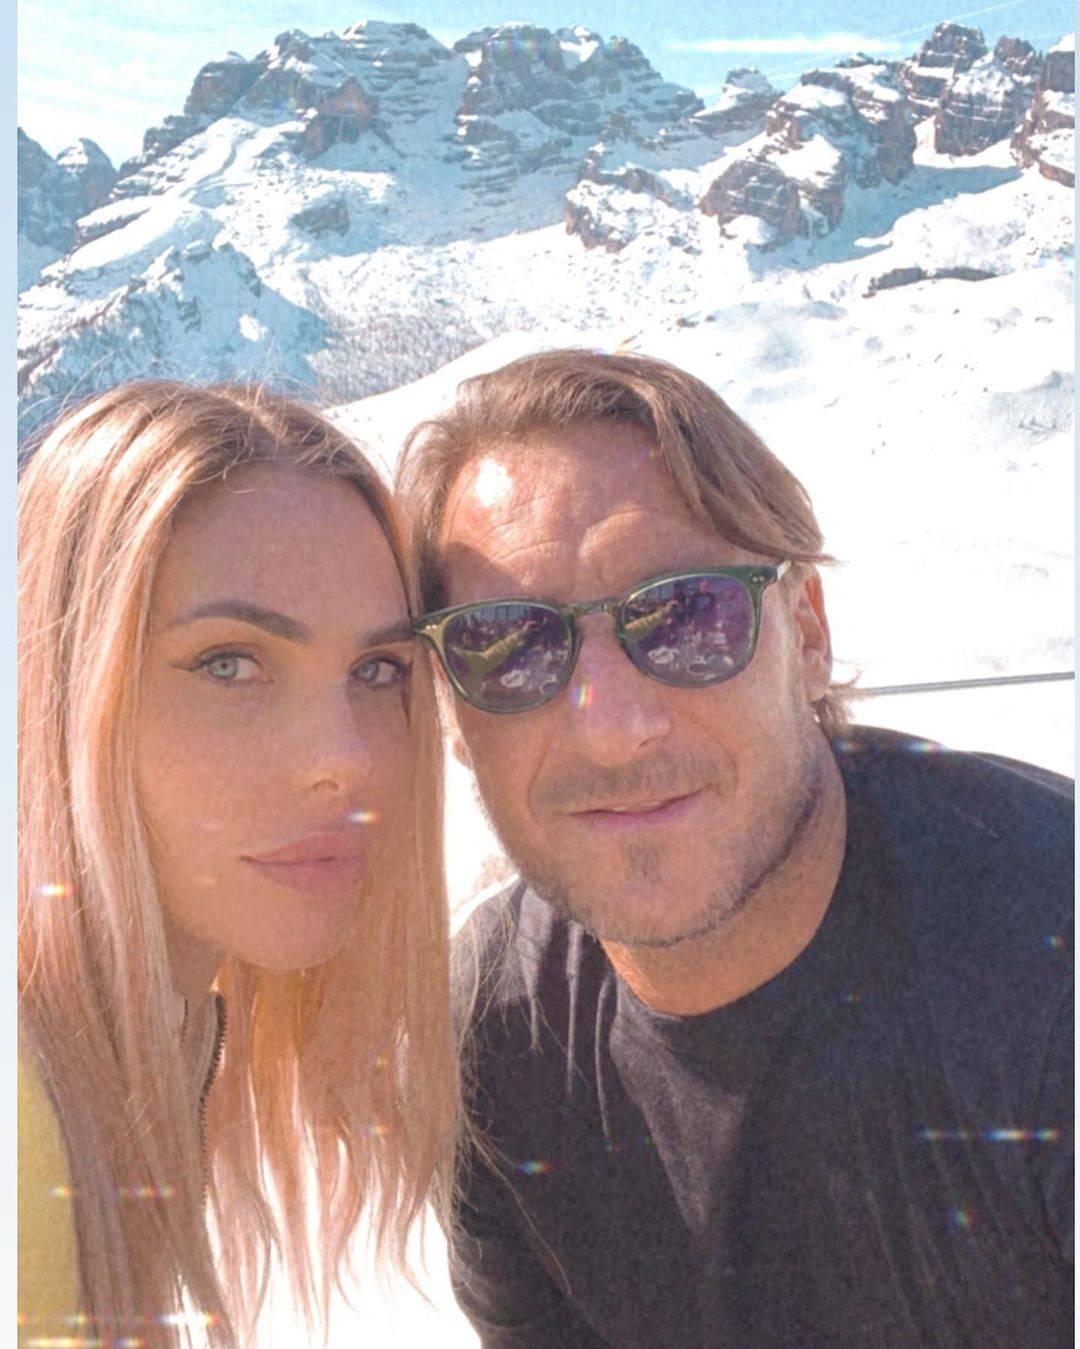 """Ilary Blasi gelosa della segretaria di Totti: """"Ma non era vecchia?"""""""